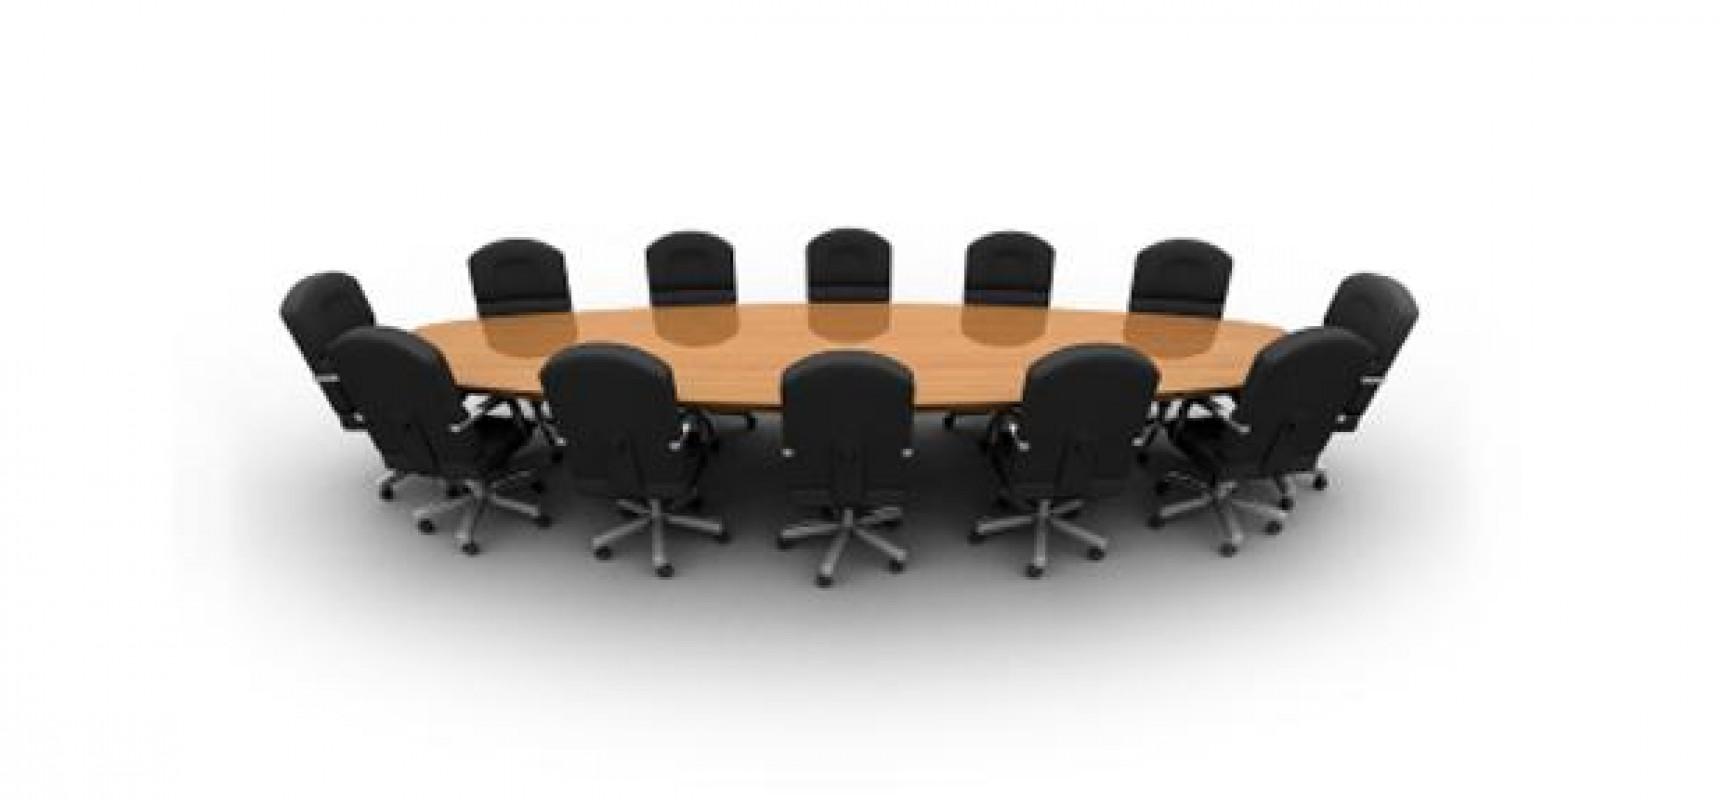 Προς Σωματεία ΕΟΤ-Σύνθεση Διοικητικών Συμβουλίων Σωματείων ΕΟΤ